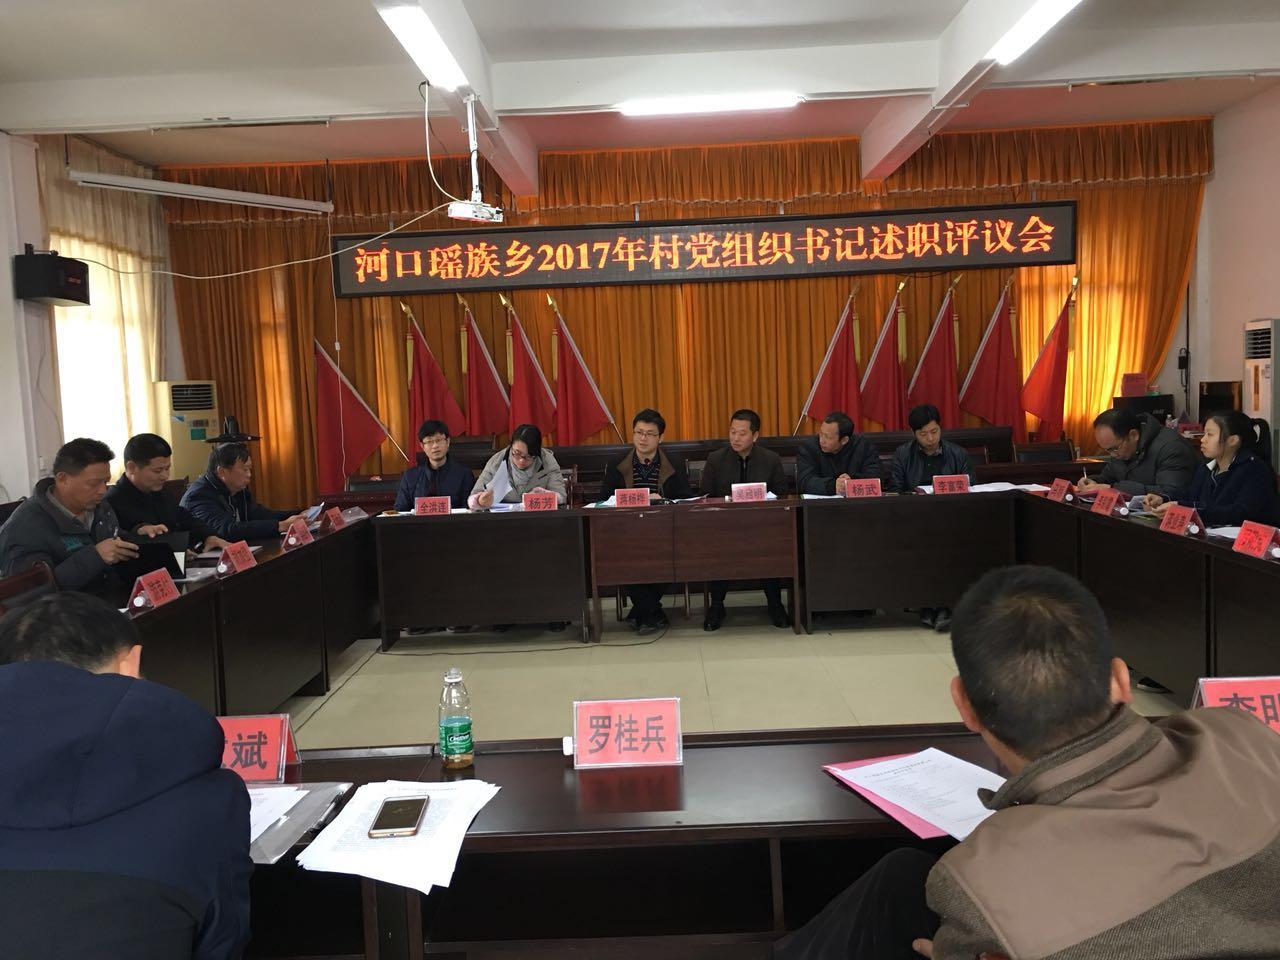 河口瑶族乡组织开展2017年村党组织书记述职评议会